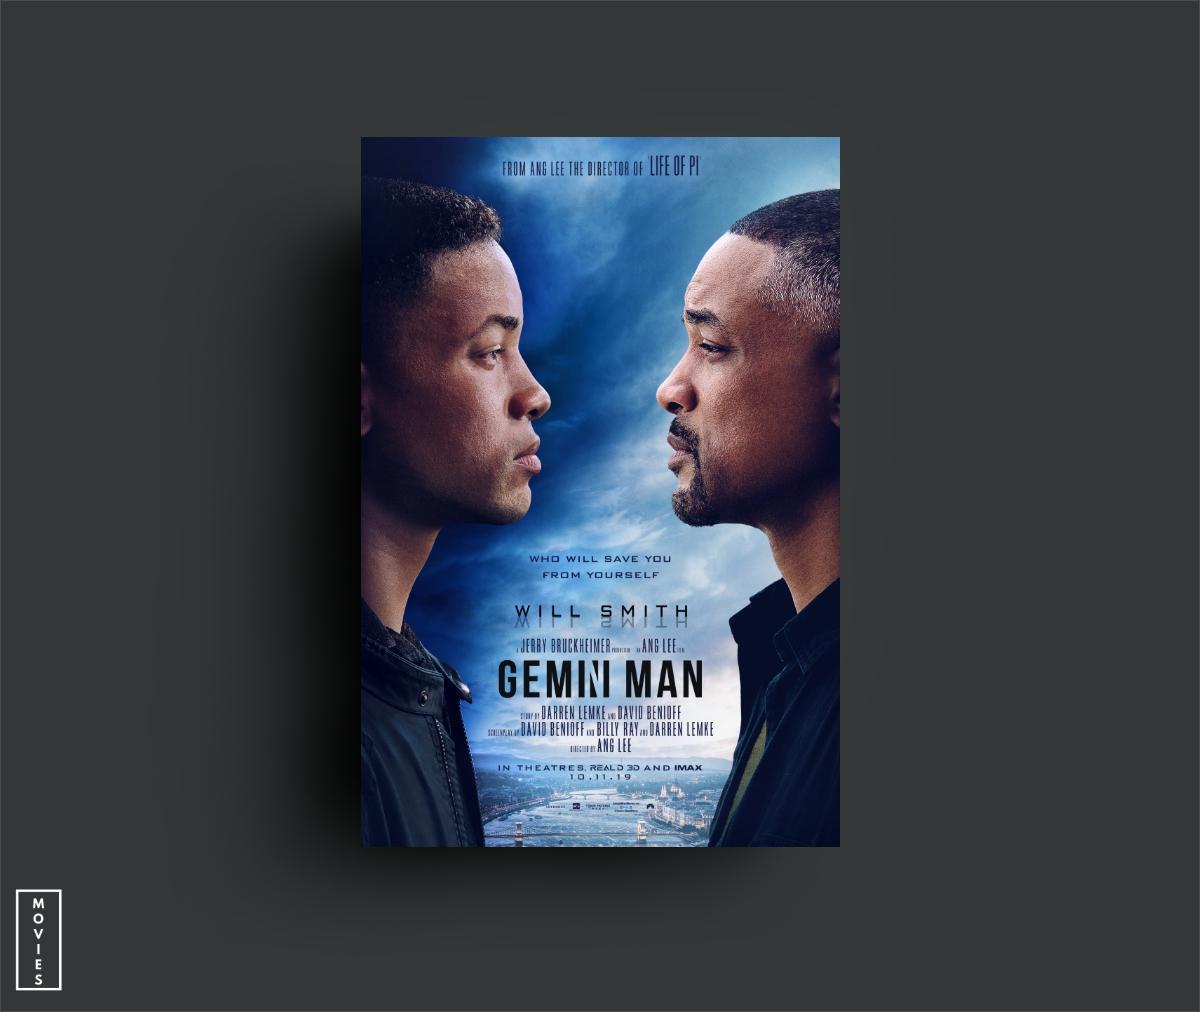 بوستر فيلم الأكشن Gemini Man من بطولة الممثل ويل سميث  وإخراج المخرج آنج لي سيعرض...